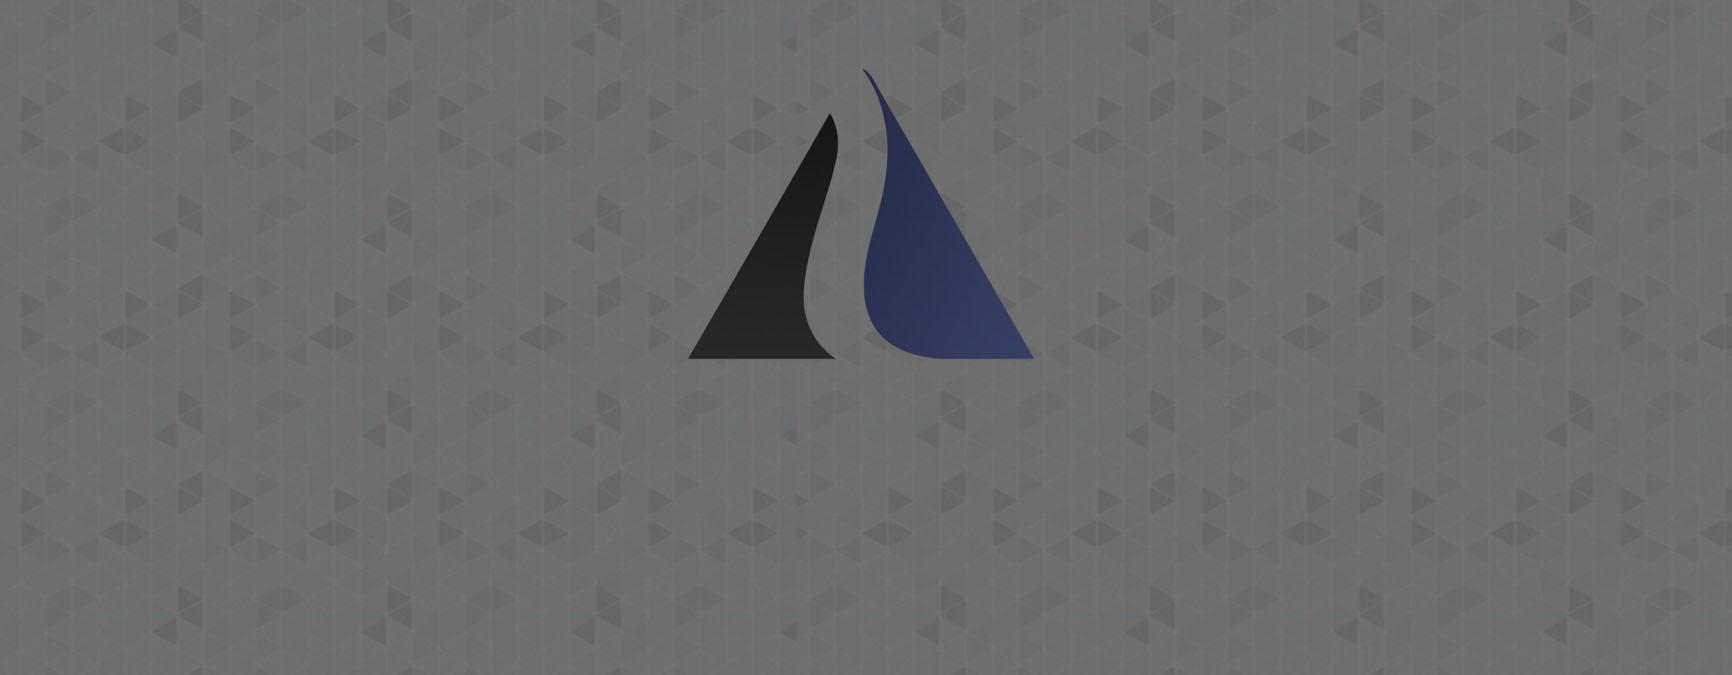 معرفی استودیوی جامعه-محور تحقیقاتی  طراحی تجربه کاربری رهنو